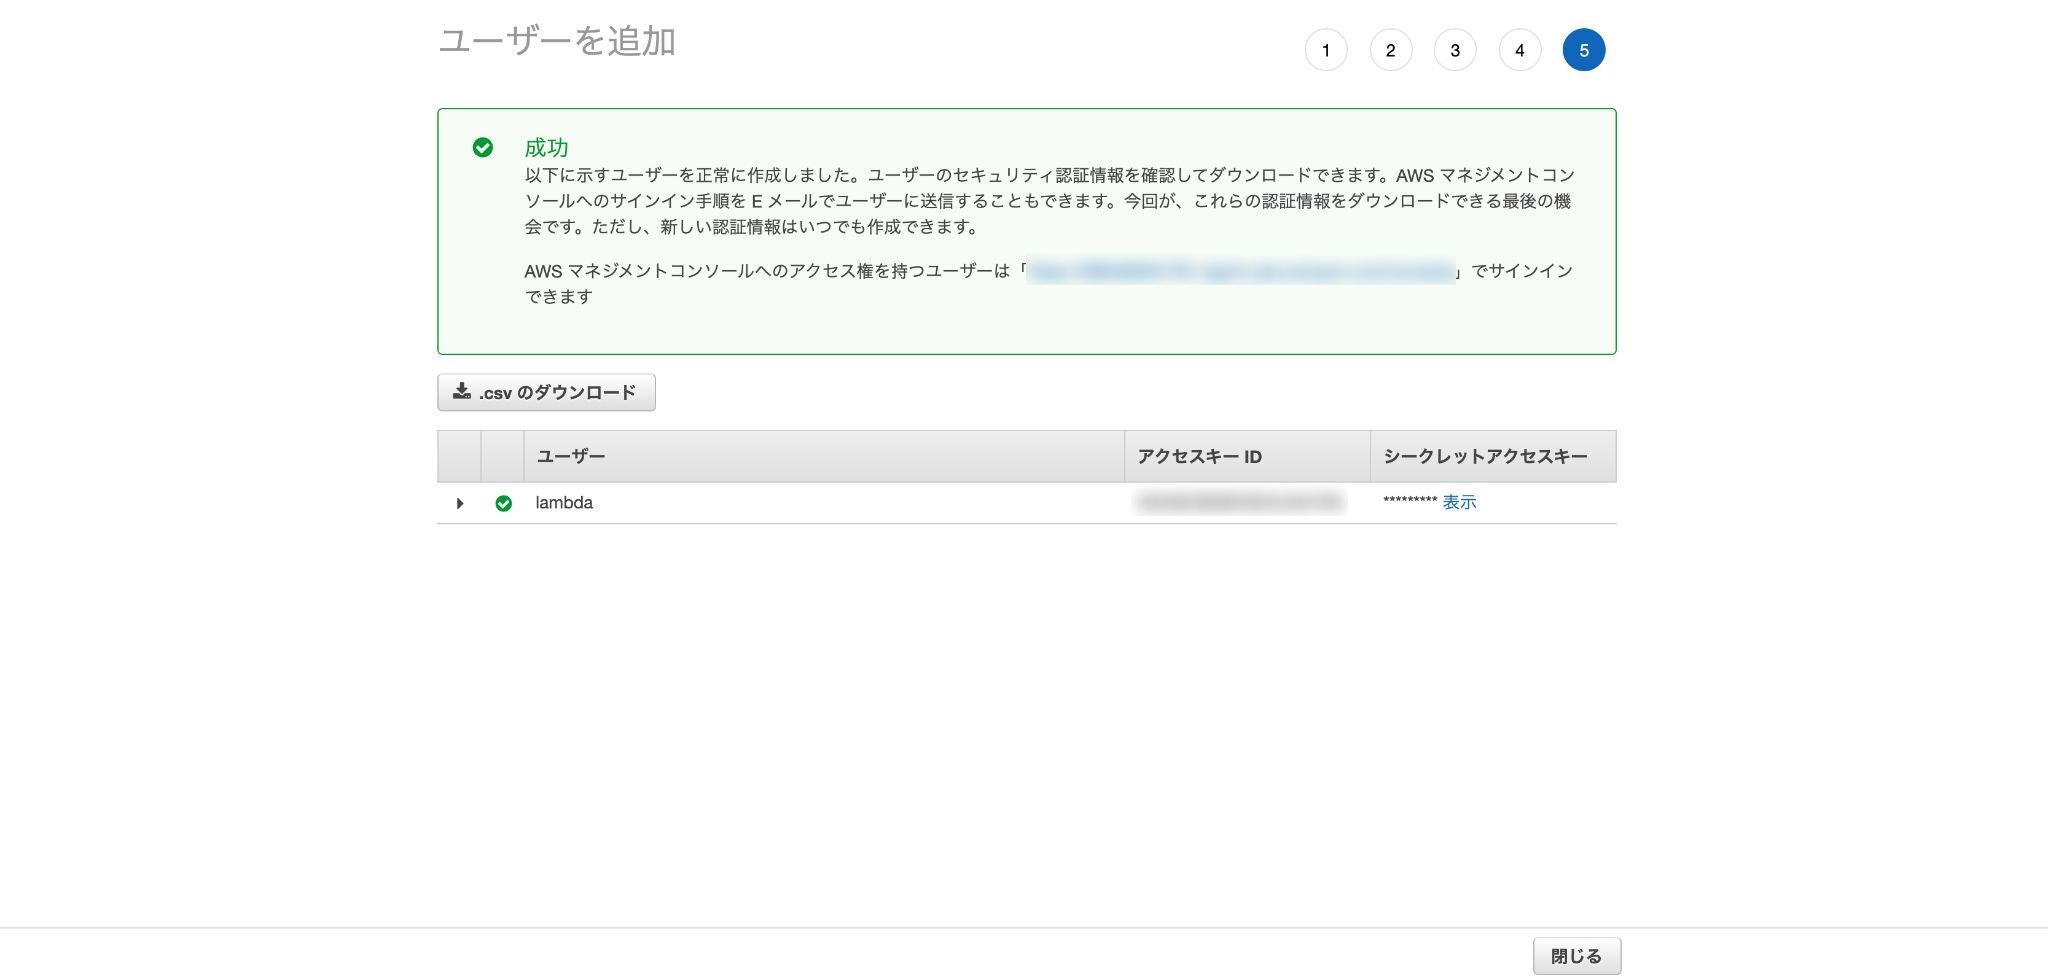 スクリーンショット 2020-09-21 22.18.13_censored.jpg